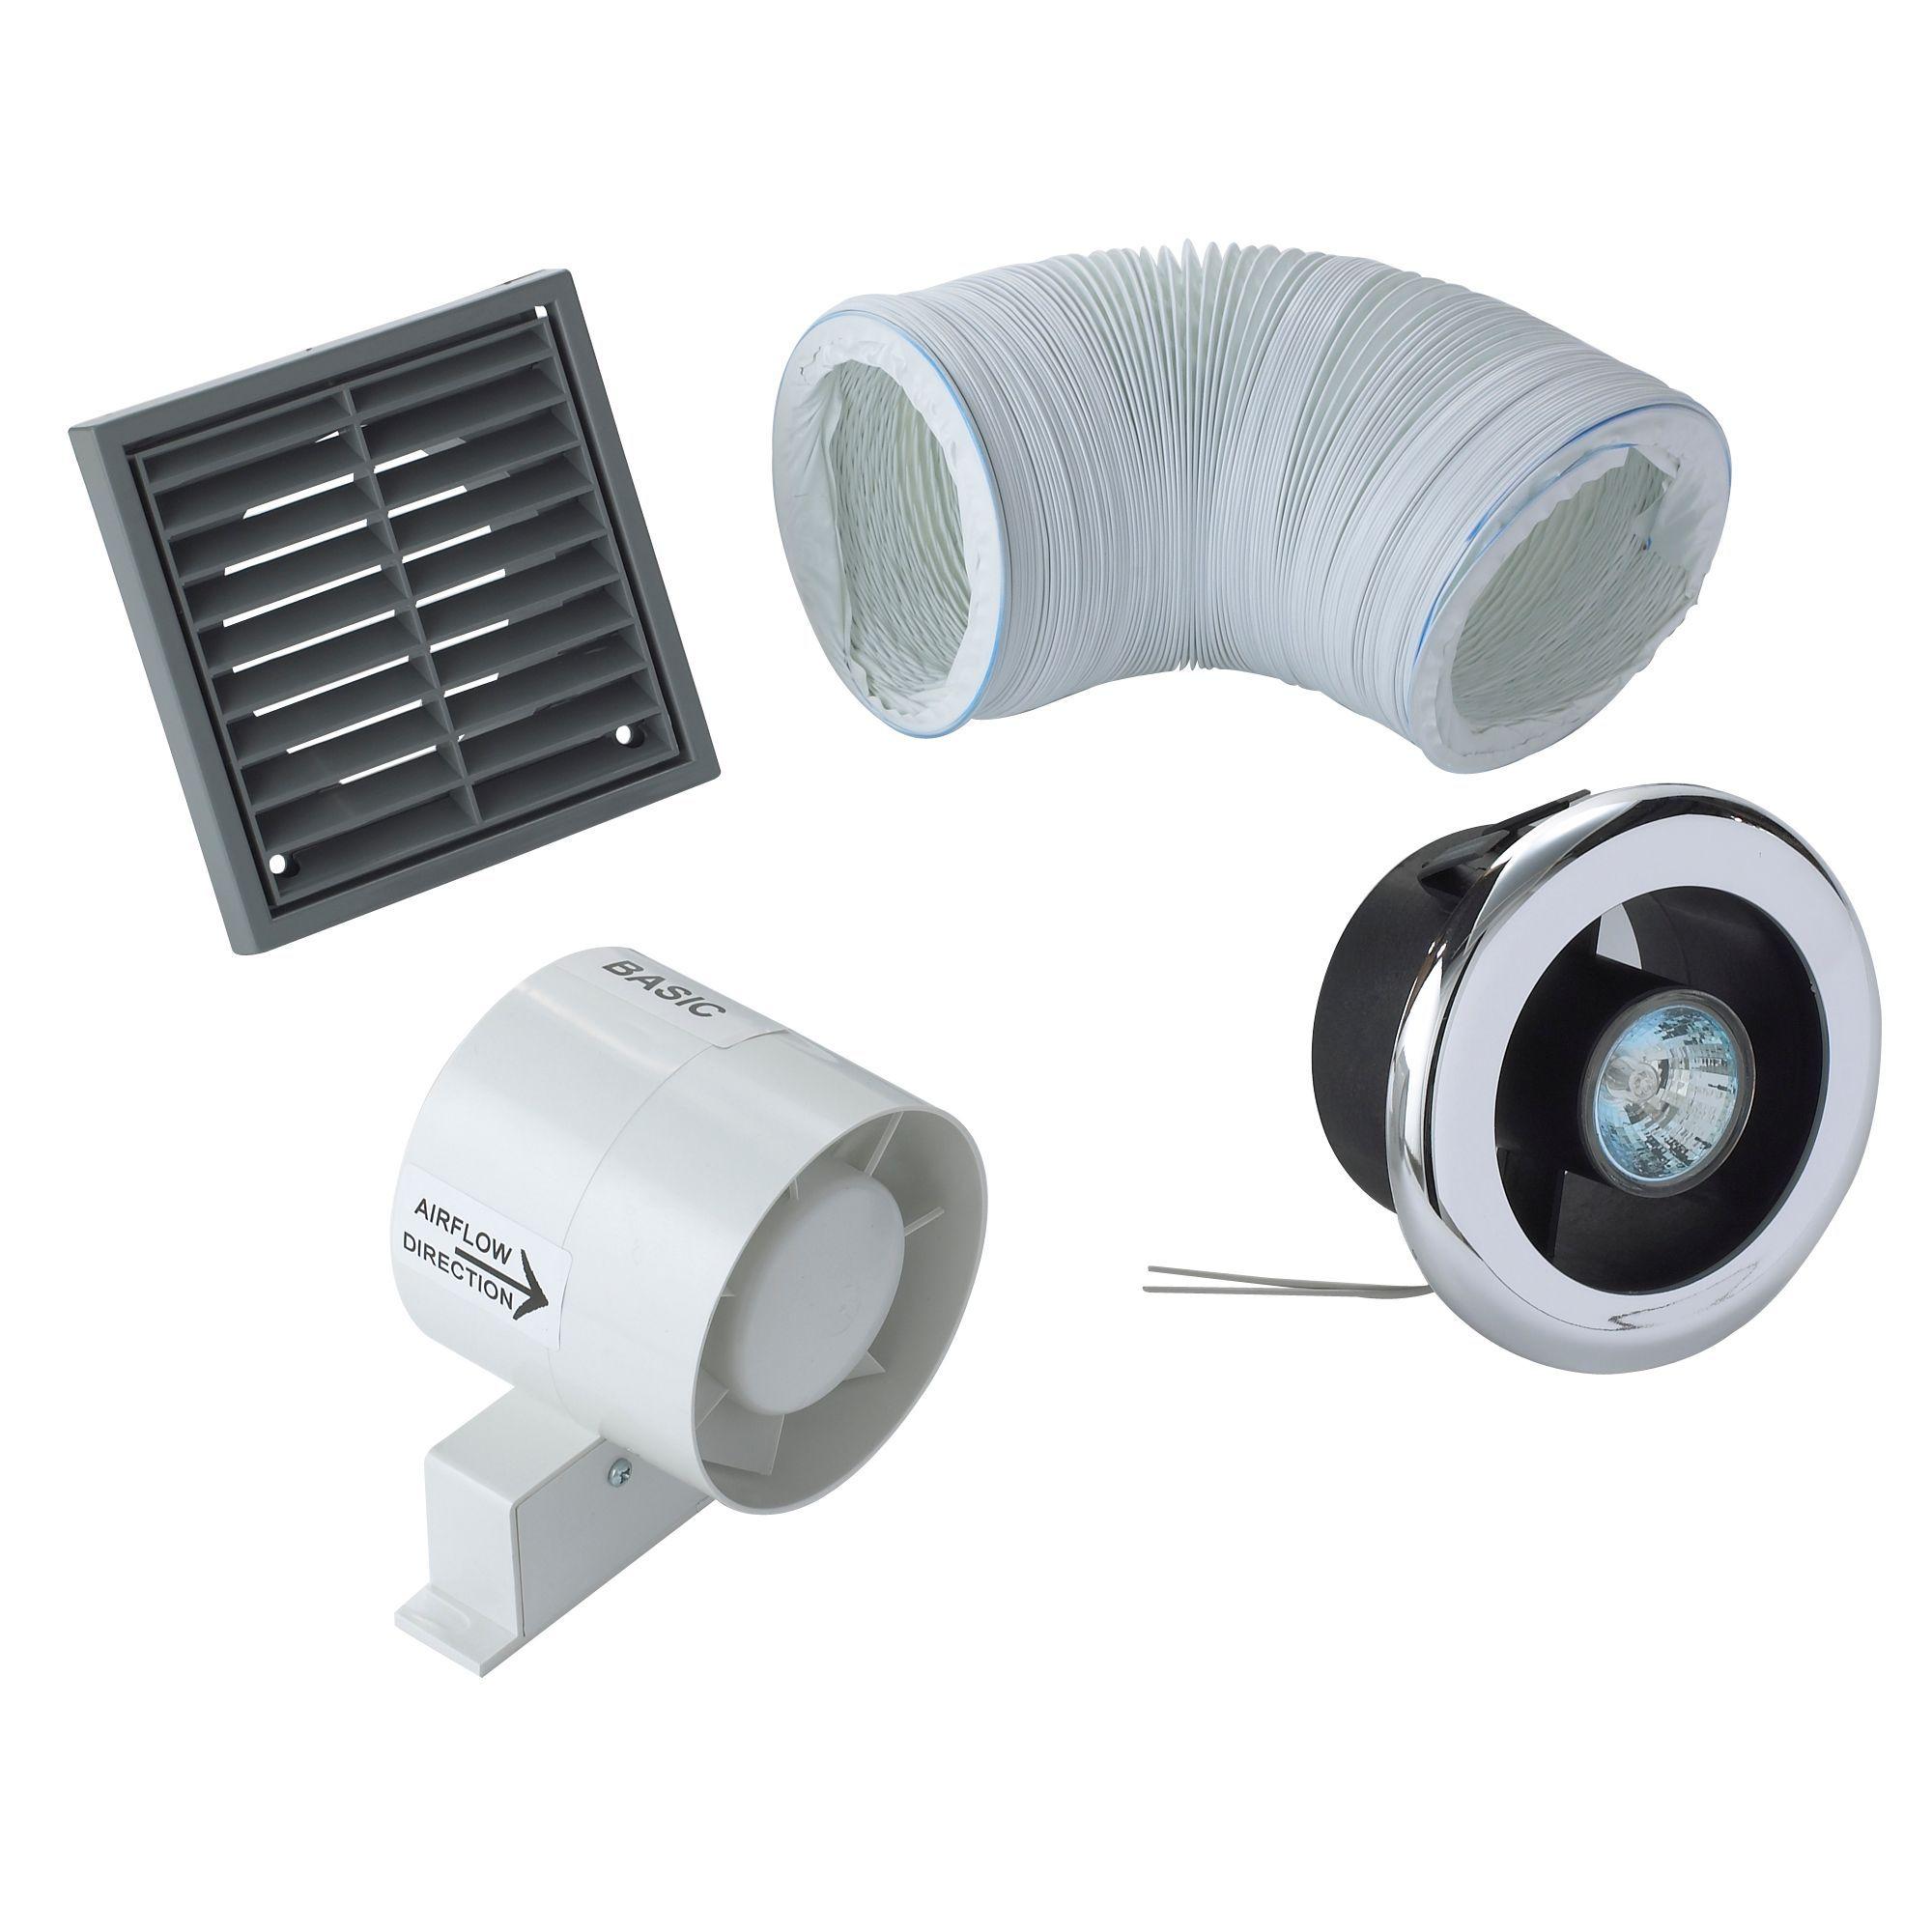 Best Bathroom Heater Fan Light Combo Extractor Fan Light For Bathroom Bathrooms Amusing Cover In 2020 Bathroom Heater Fan Bathroom Exhaust Bathroom Exhaust Fan